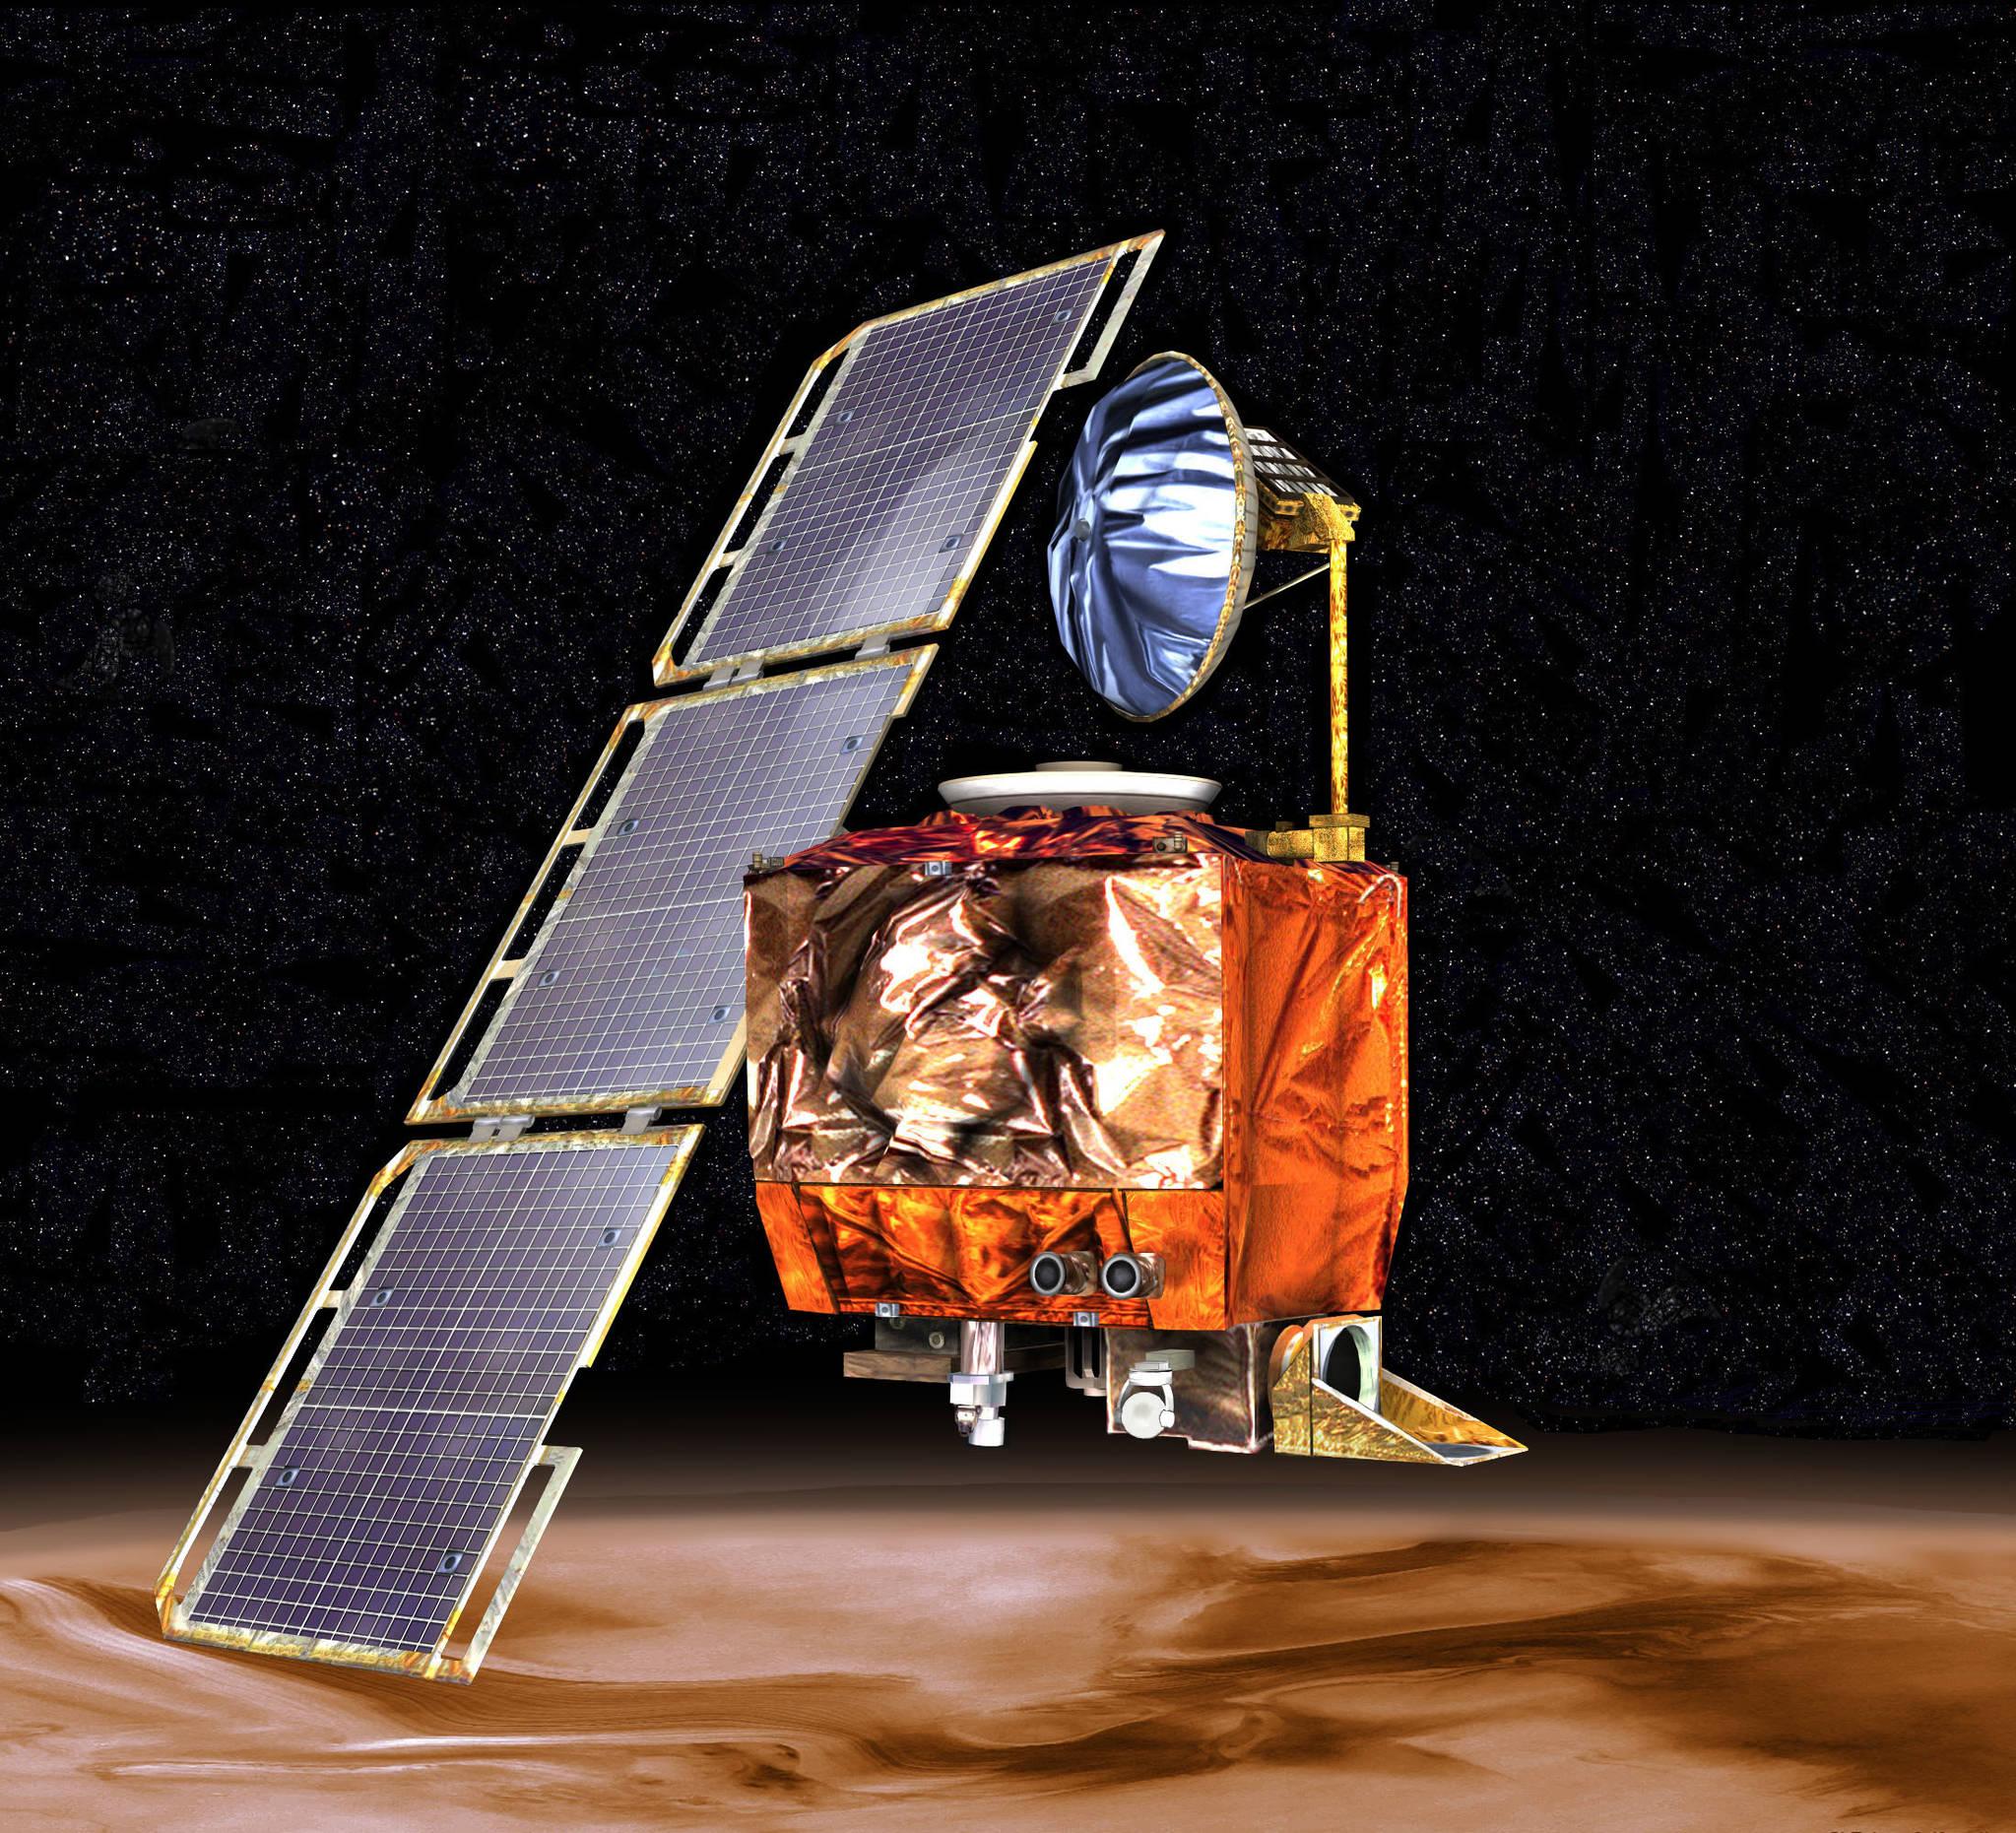 1999년 9월 화성에서 폭발로 사라진 기후궤도 탐사선(MCO) [사진 NASA]